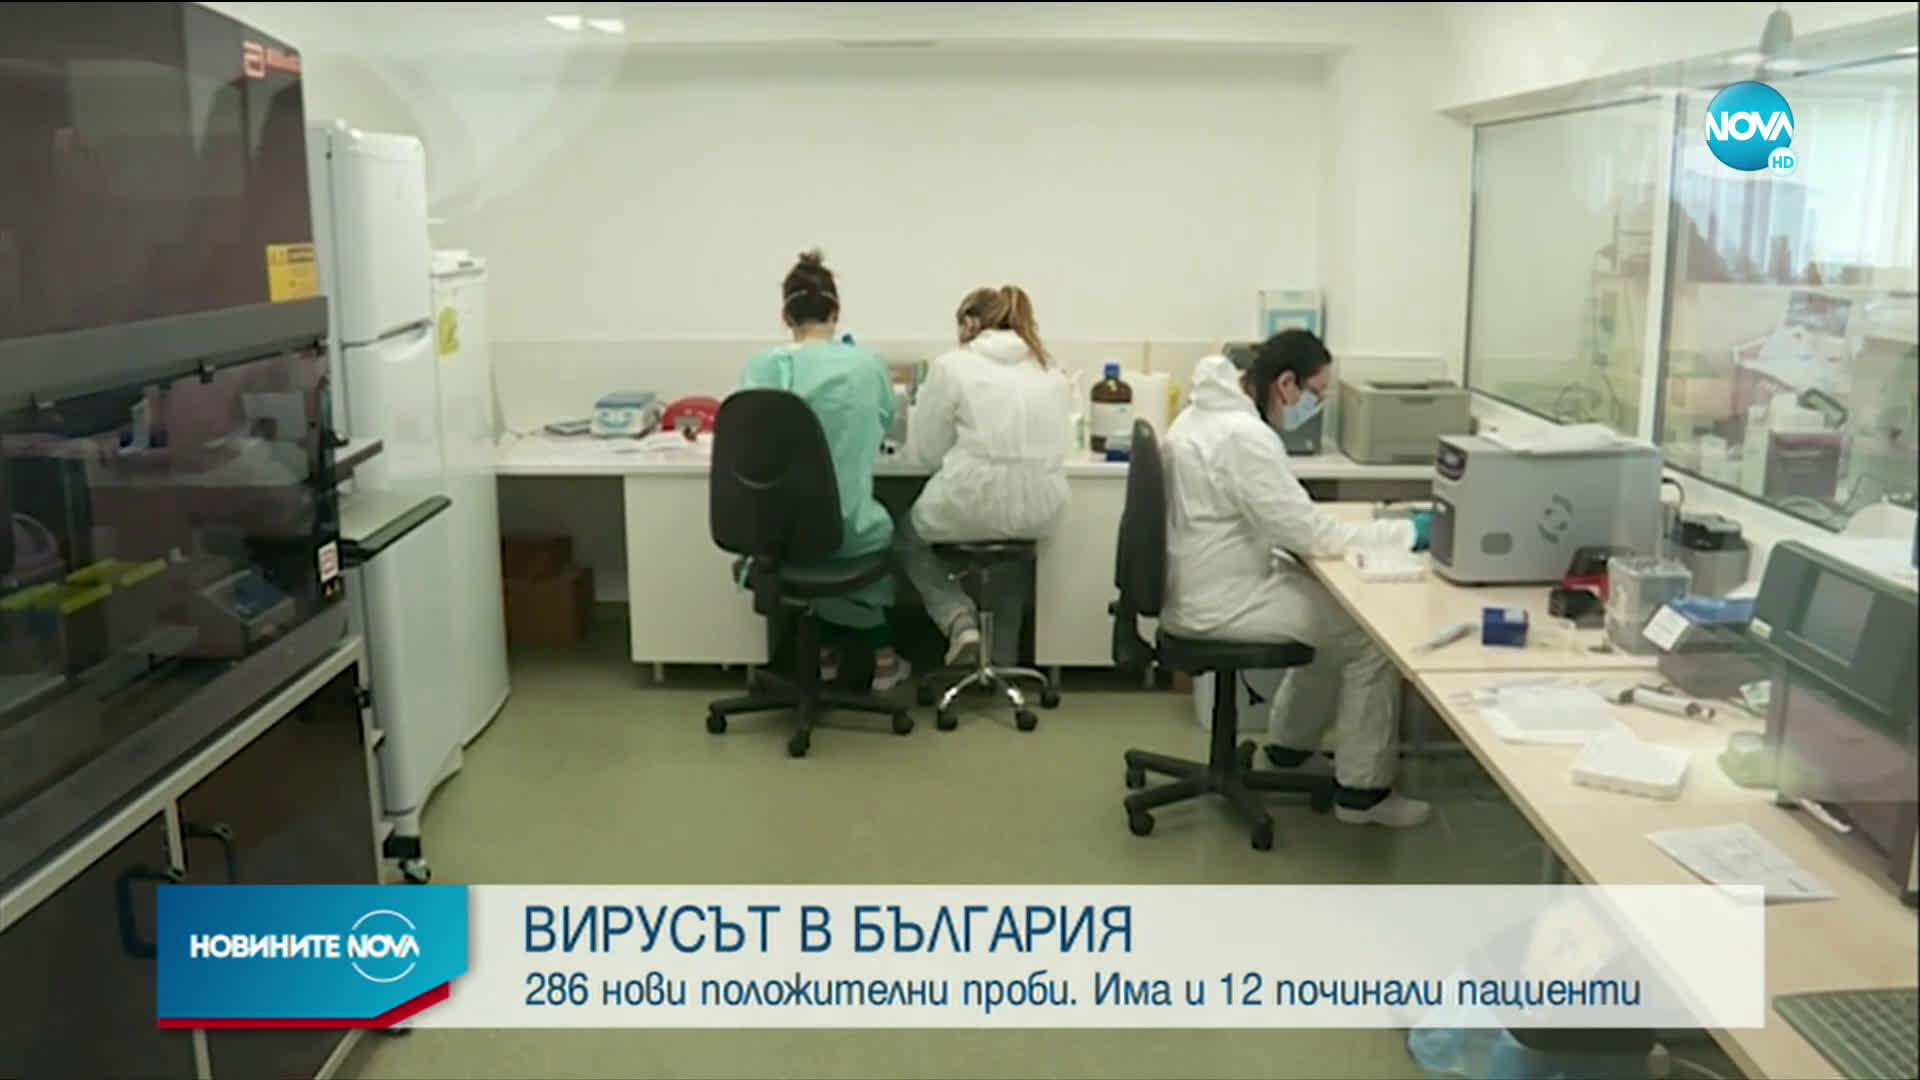 286 са новите случаи на коронавирус у нас